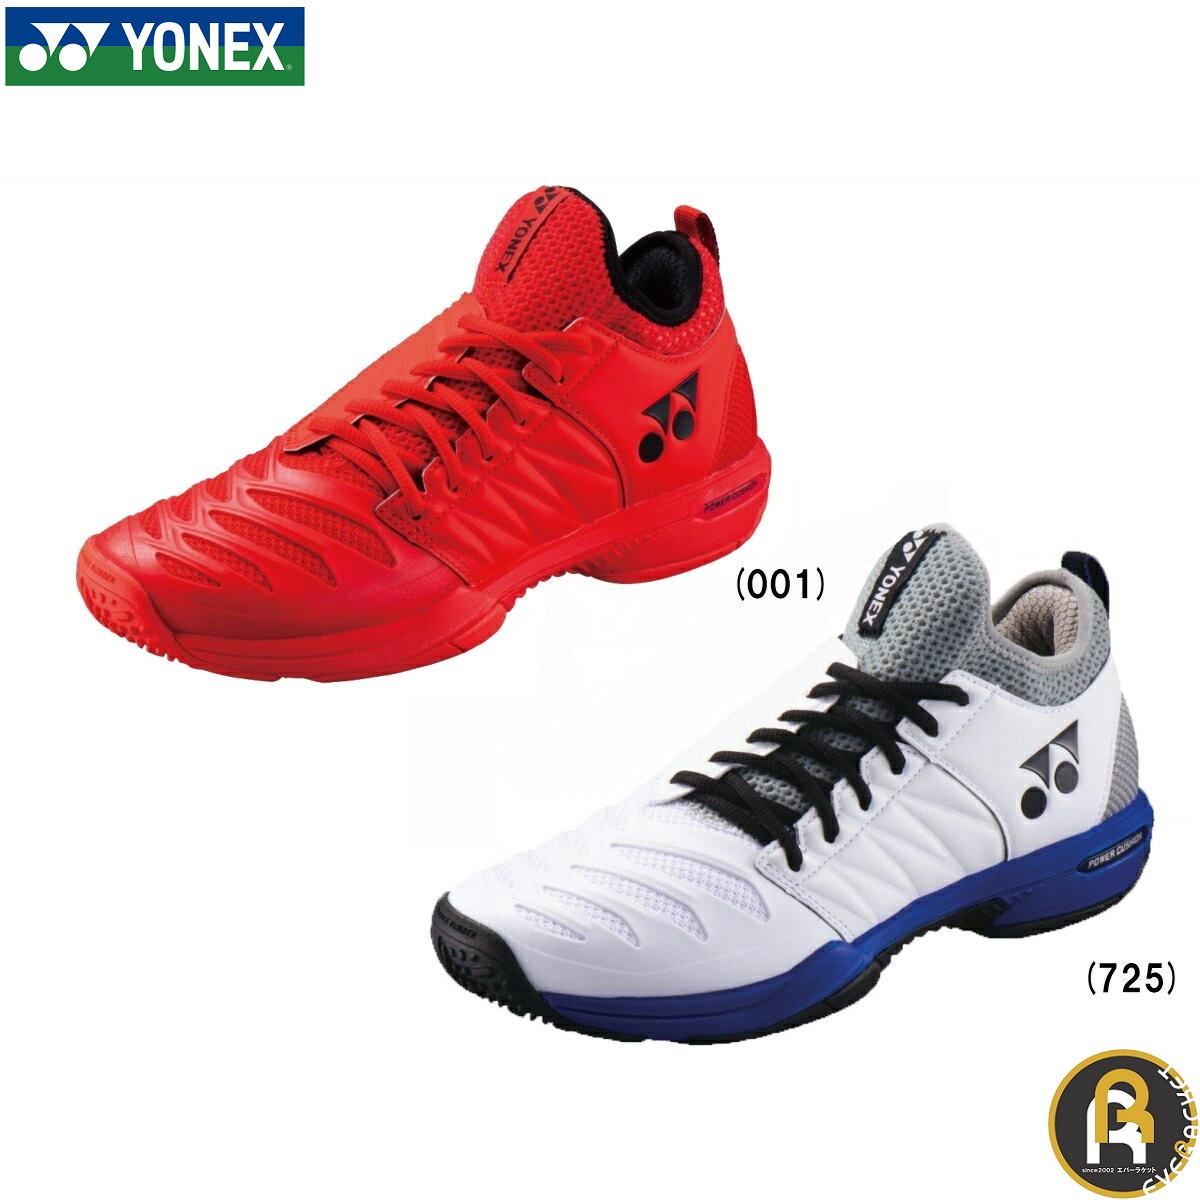 【お買い得商品】YONEX ヨネックス テニス ソフトテニス シューズ テニス ソフトテニス シューズシューズ パワークッションフュージョンレブ3MGC SHTF3MGC